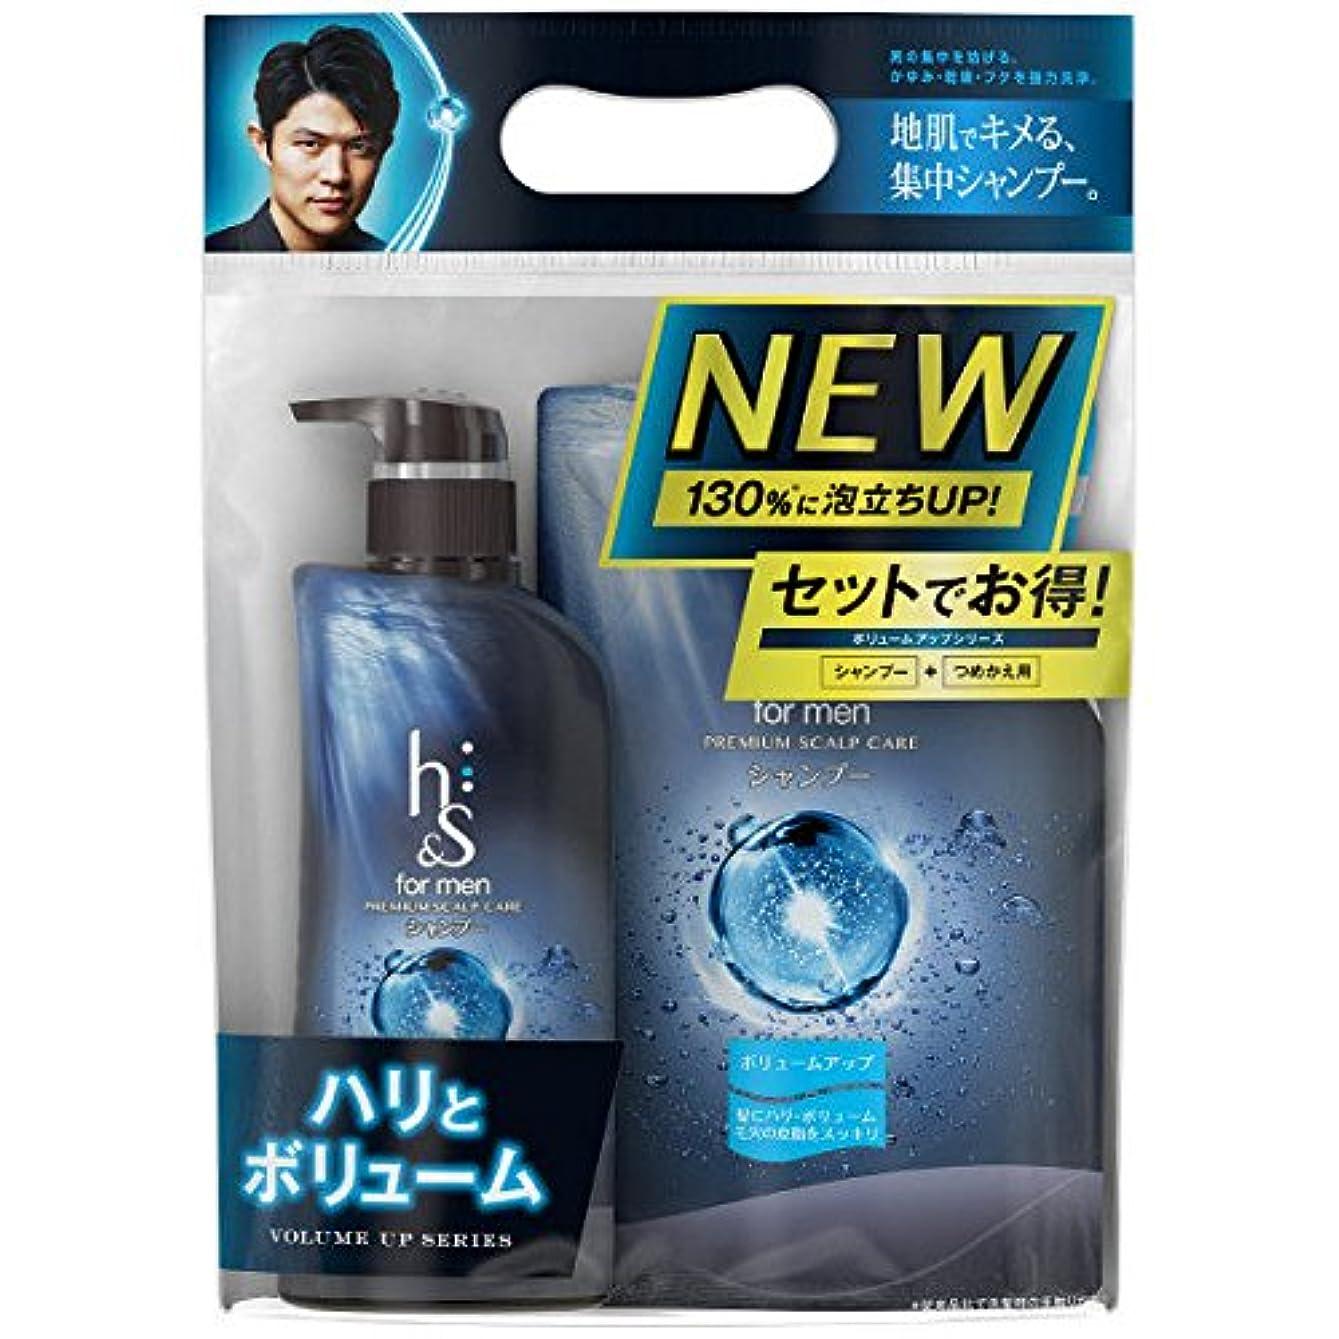 h&s for men ボリュームアップ ポンプ シャンプー(370ml) & 詰め替え(300ml) P&G